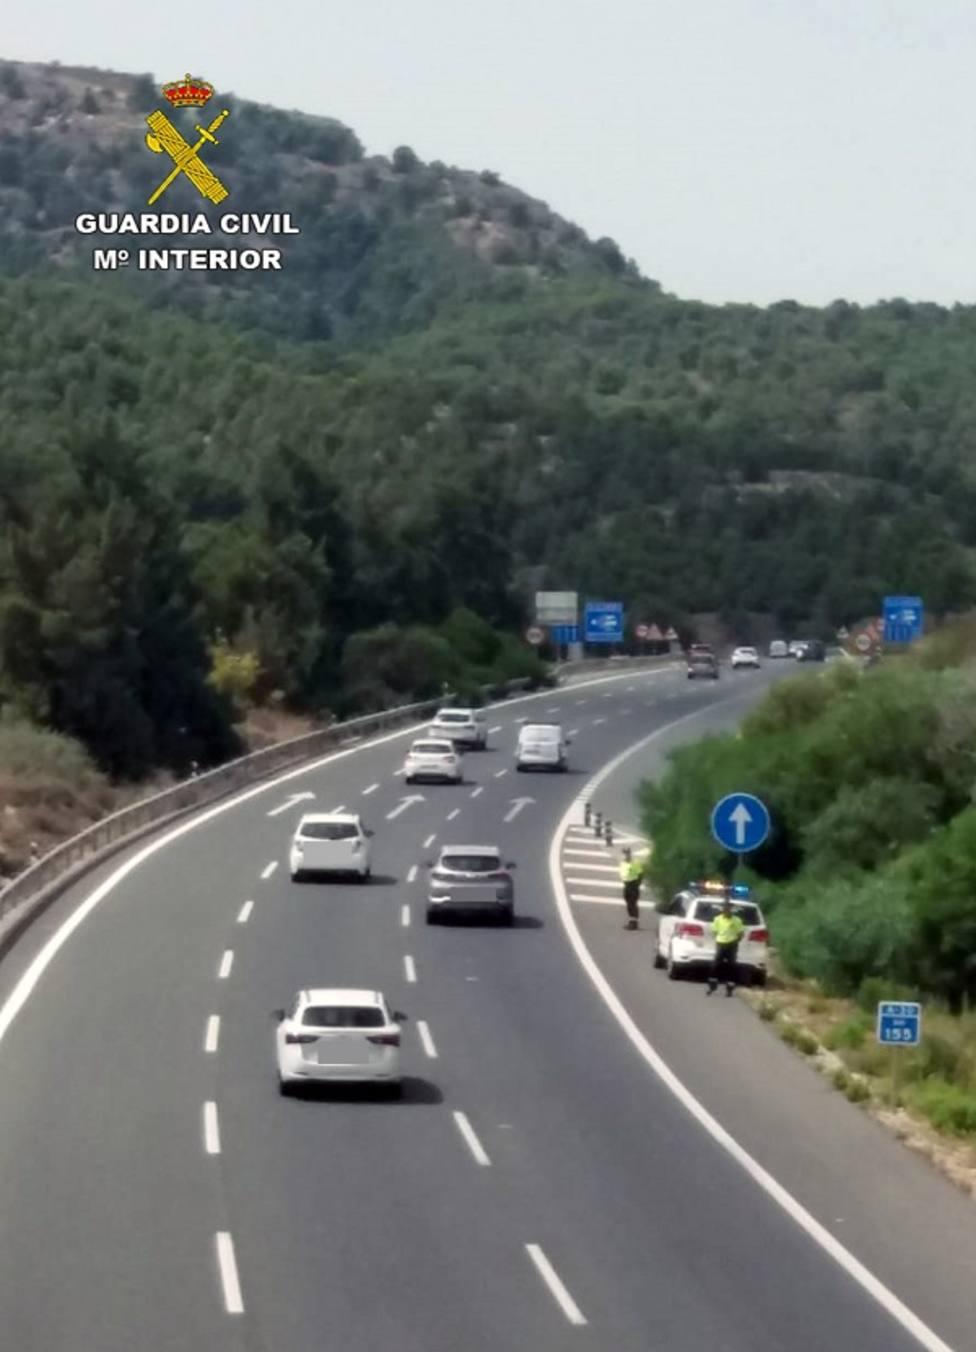 La Guardia Civil investiga a un conductor que circulaba a más del doble de la velocidad máxima permitida